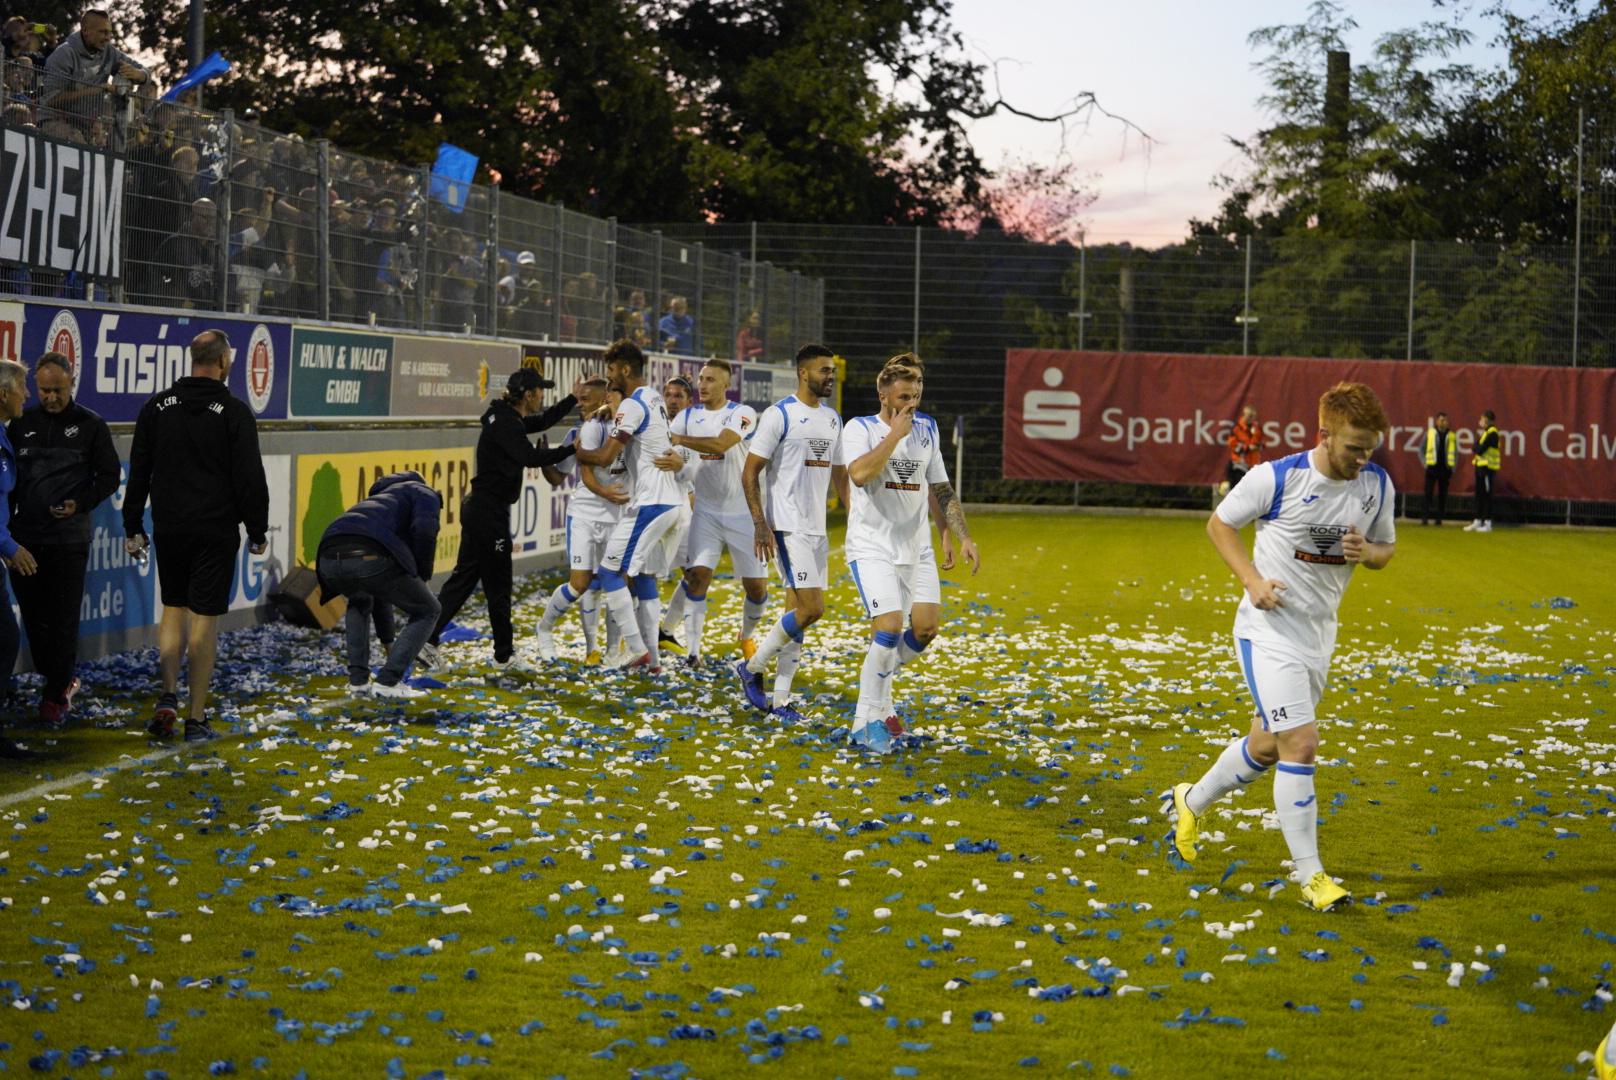 DERBYSIEG – Der 1. CfR schlägt den FC Nöttingen verdient mit 3:0